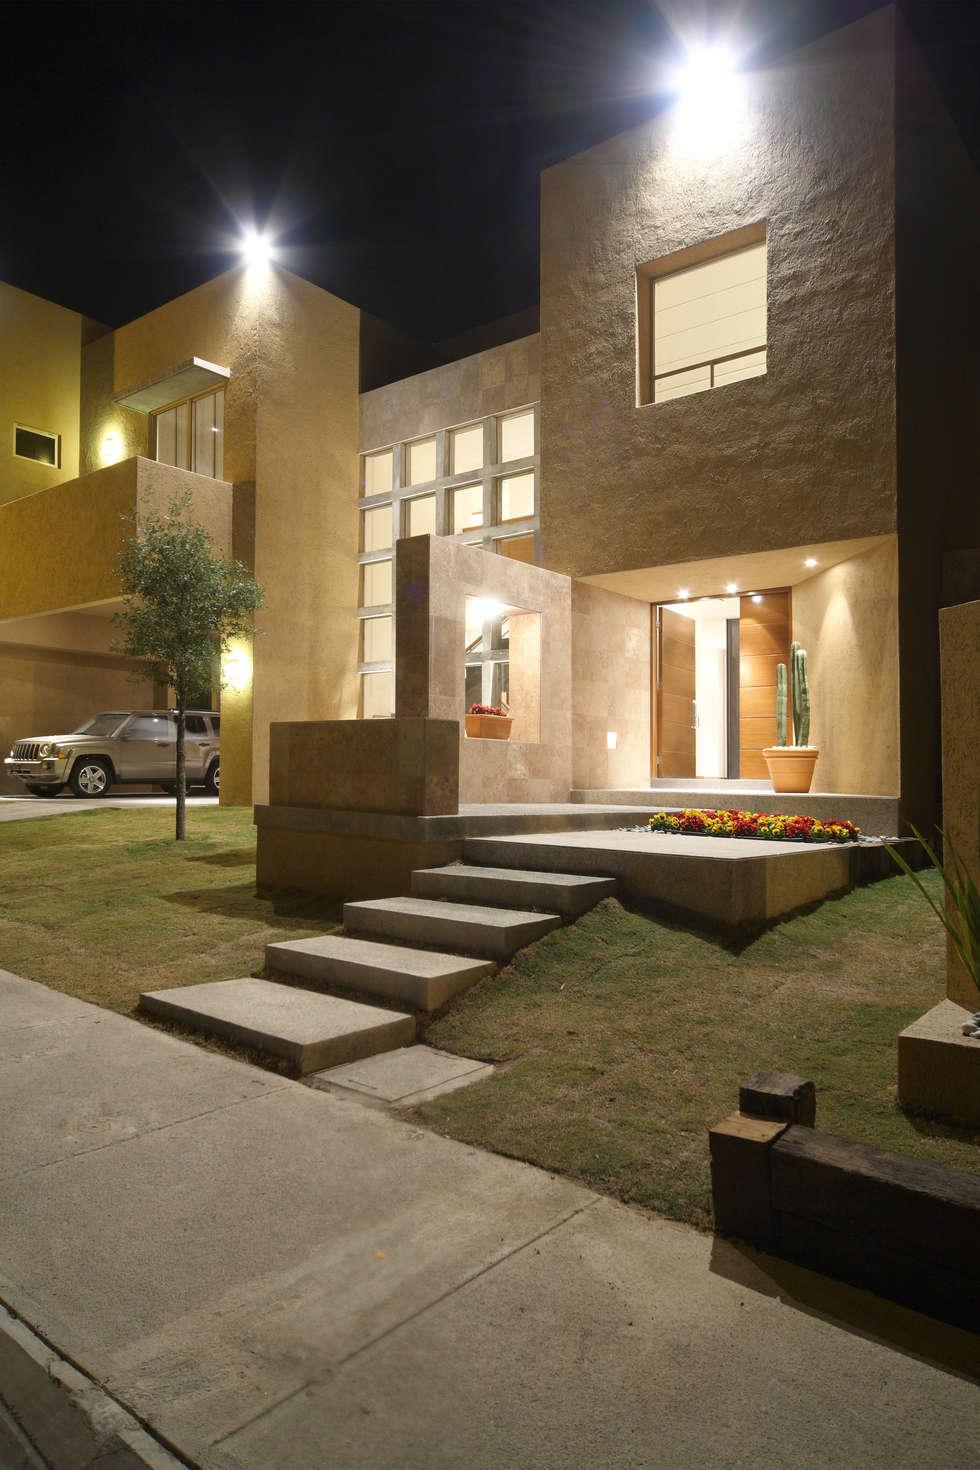 Casa Caritas No.58: Casas de estilo moderno por Arq. Bernardo Hinojosa